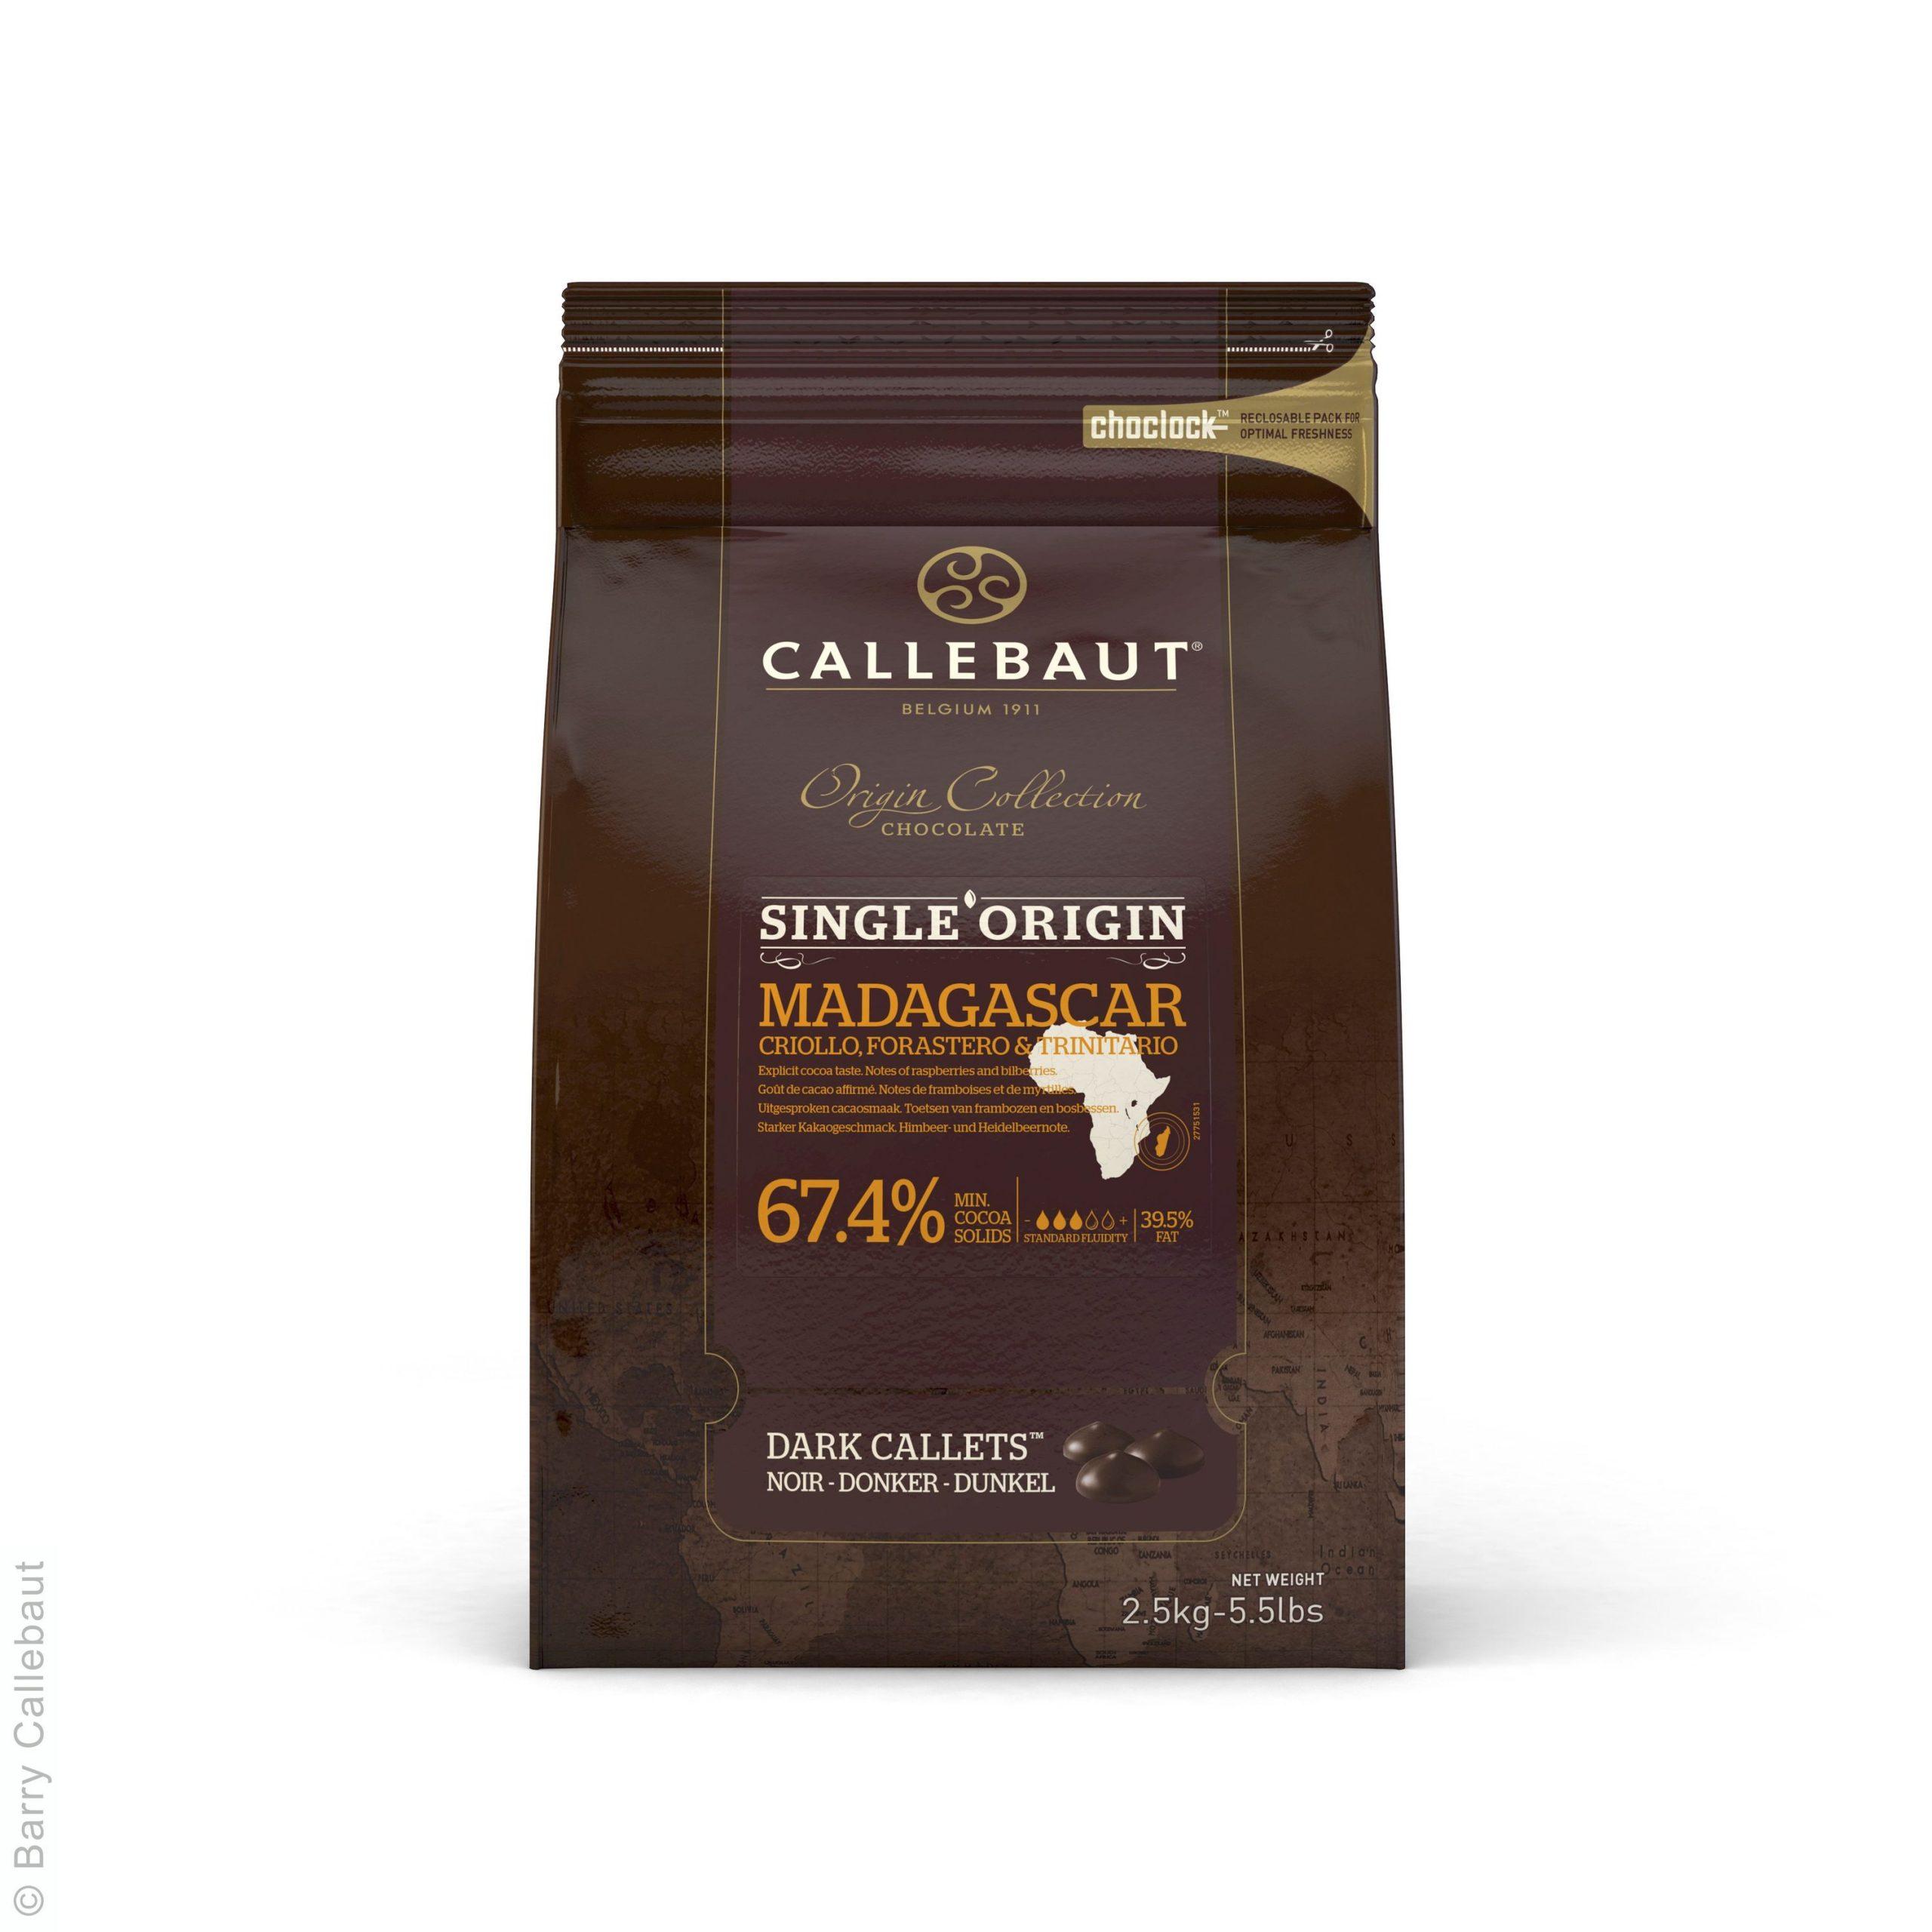 dunkle Madagaskar Schokolade von Callebaut in Callets